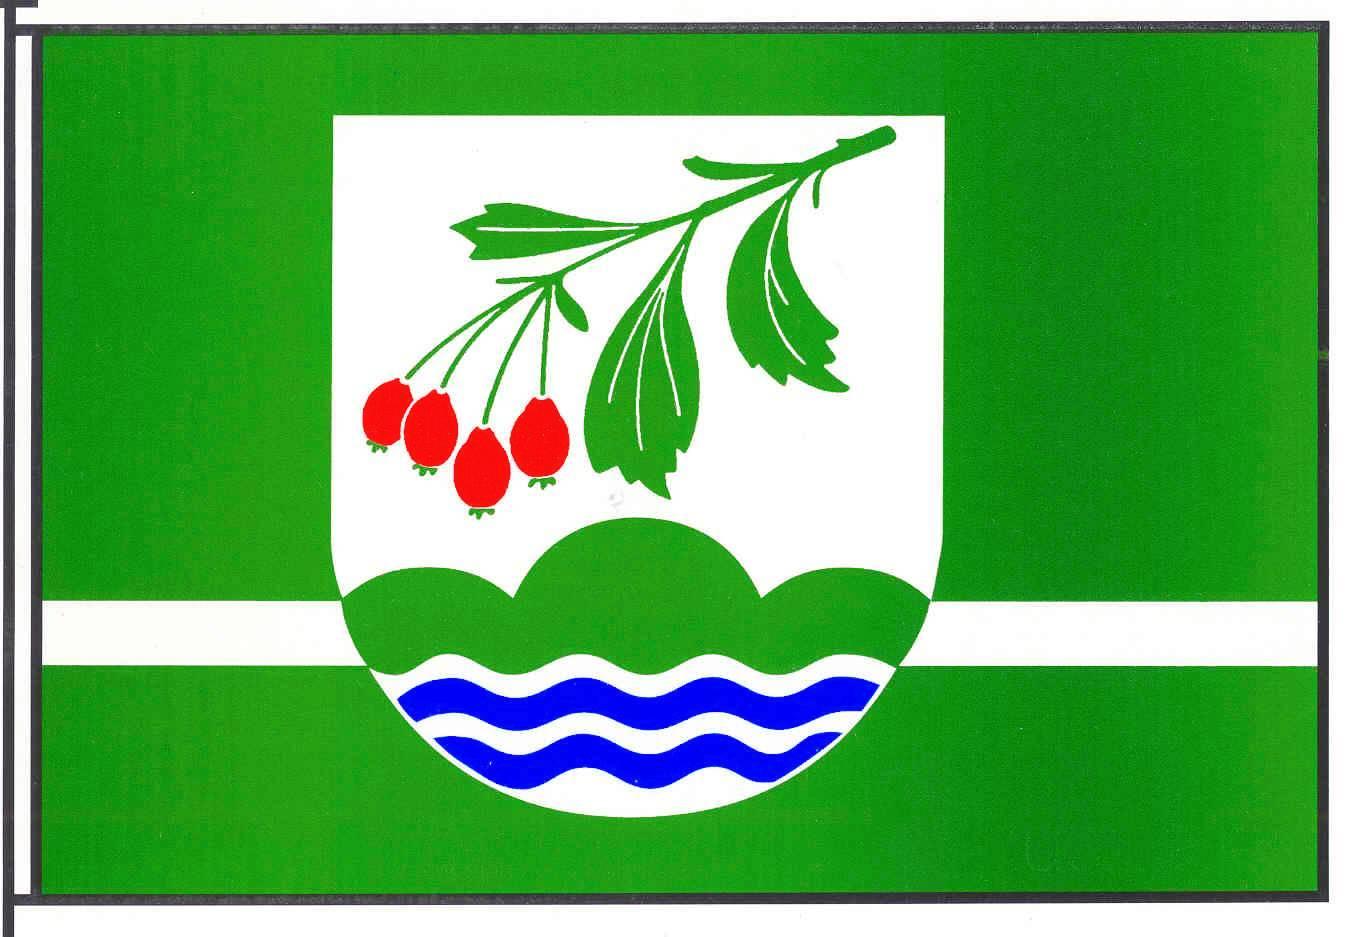 Flagge GemeindeStipsdorf, Kreis Segeberg